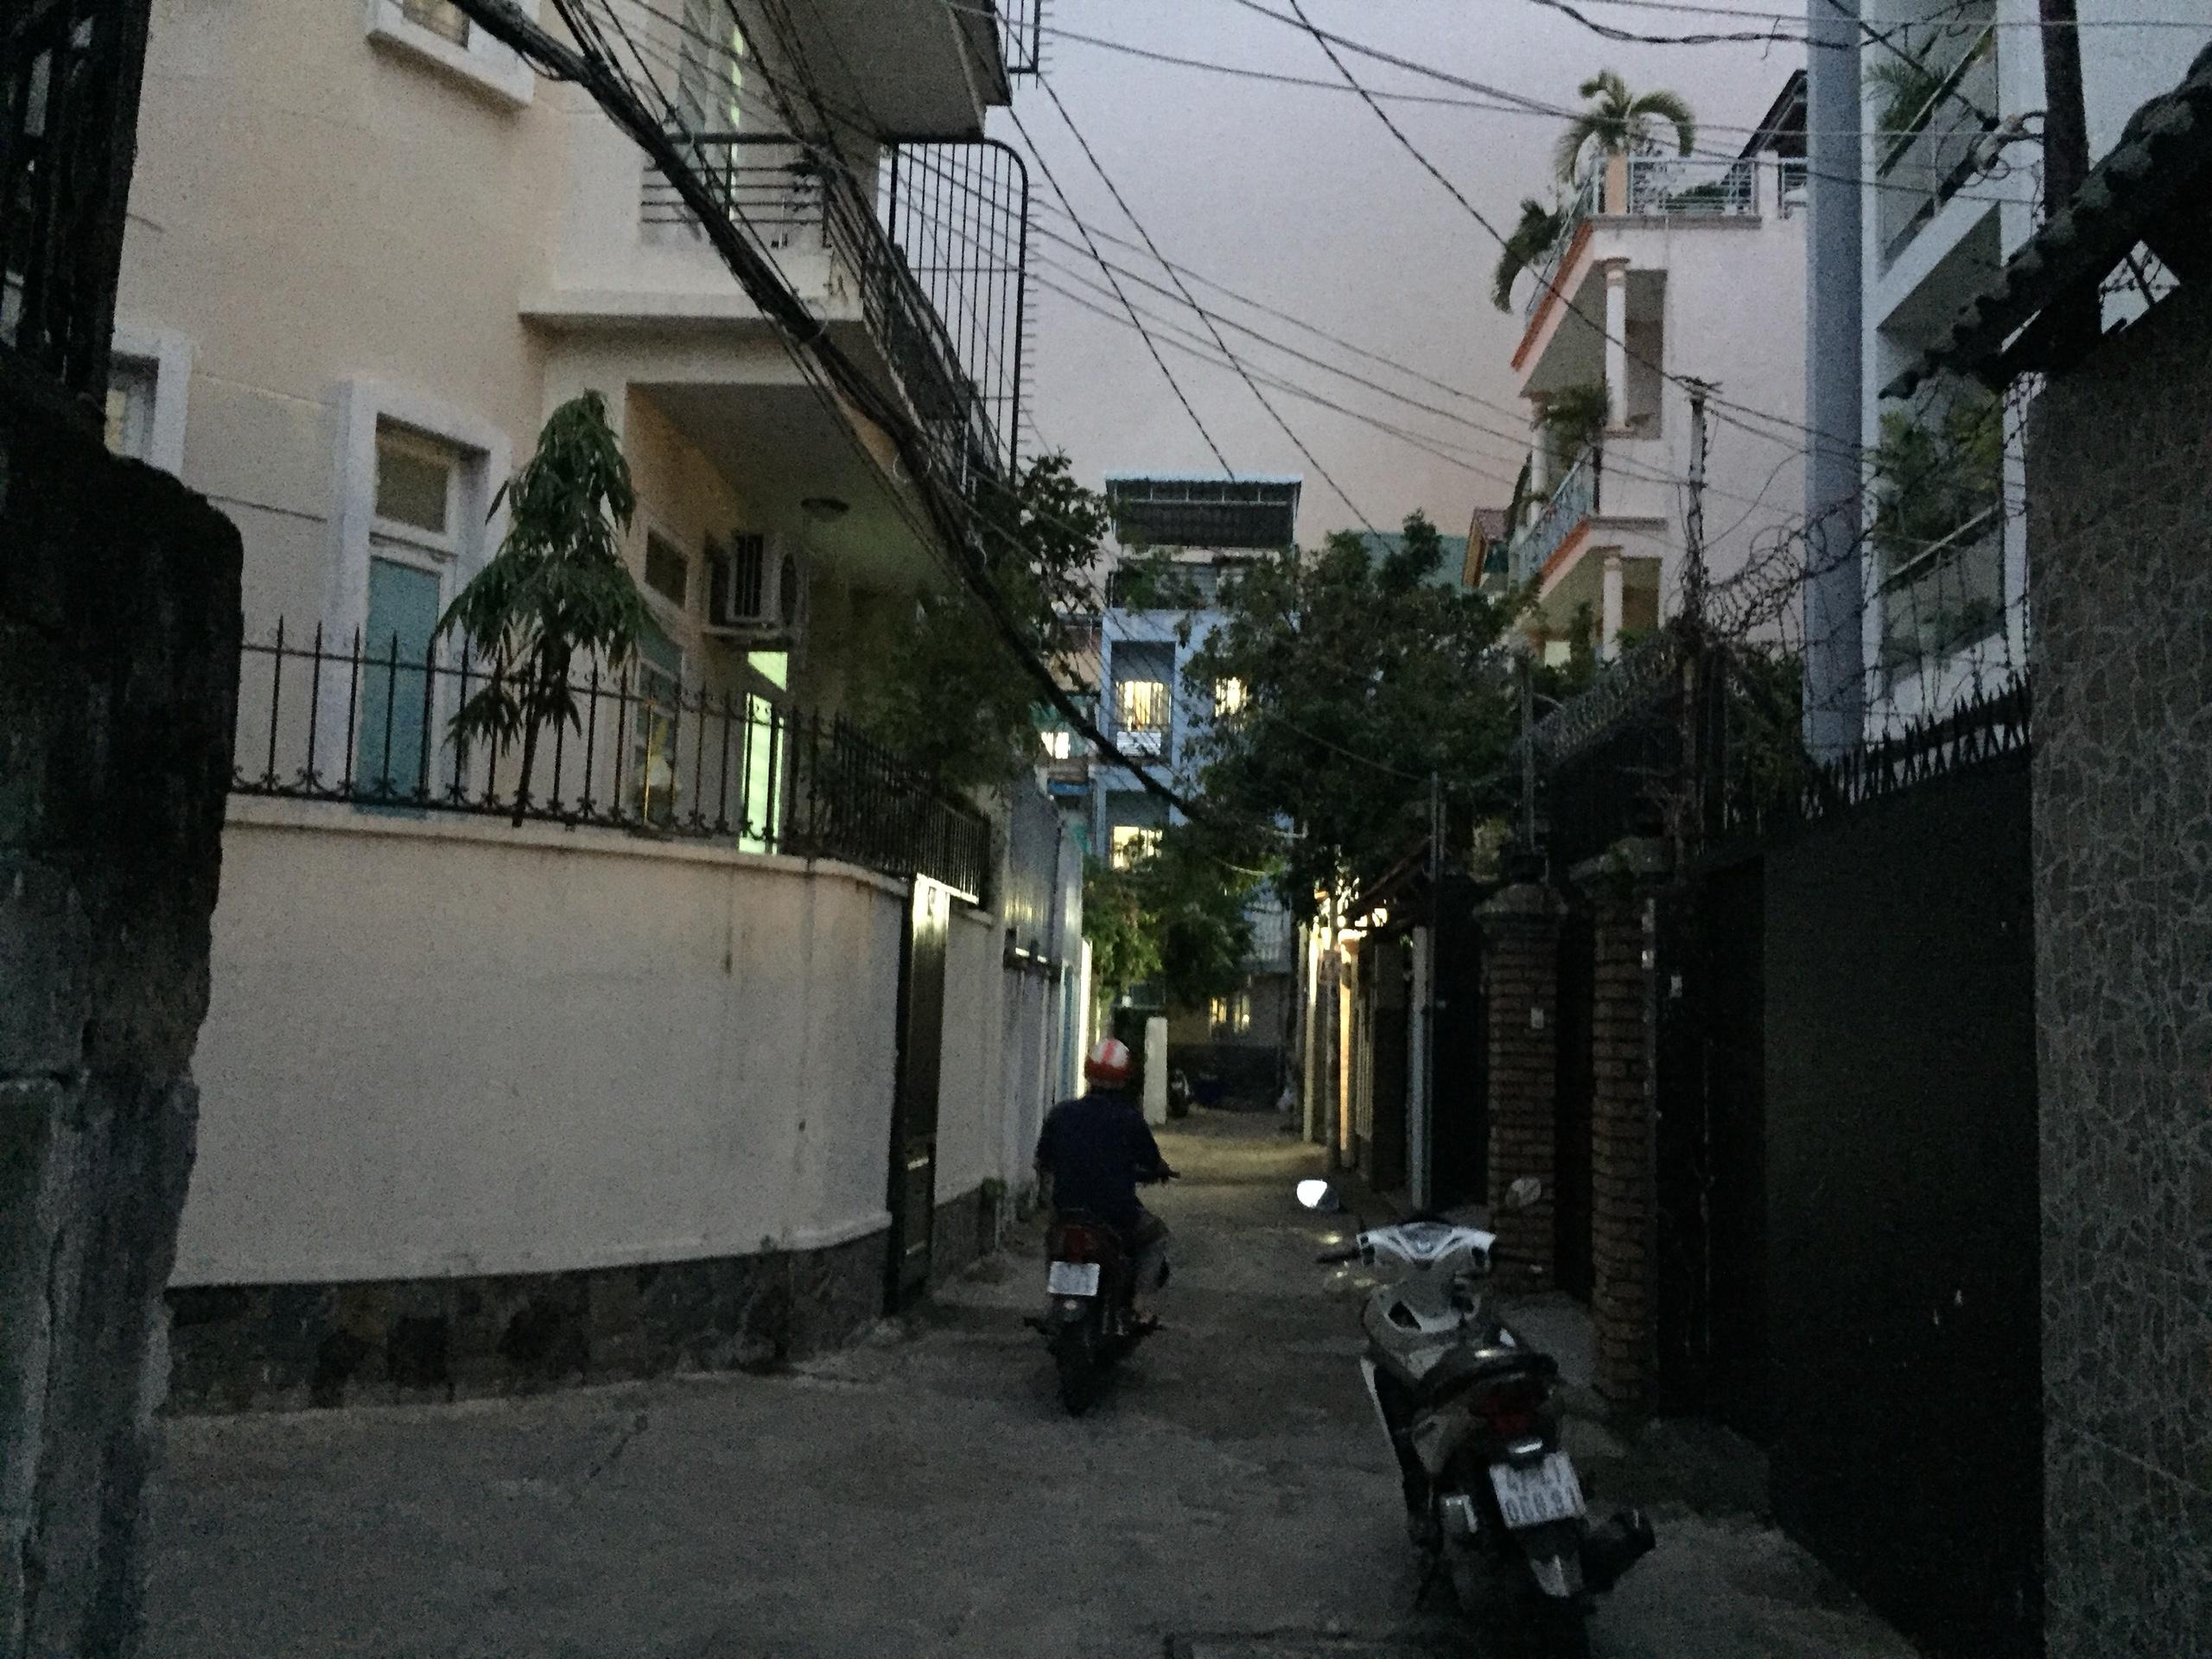 Bán nhà Phan Văn Trị p11 Bình Thạnh 4x11.5m 1 lầu 5.5 tỷ hướng TN